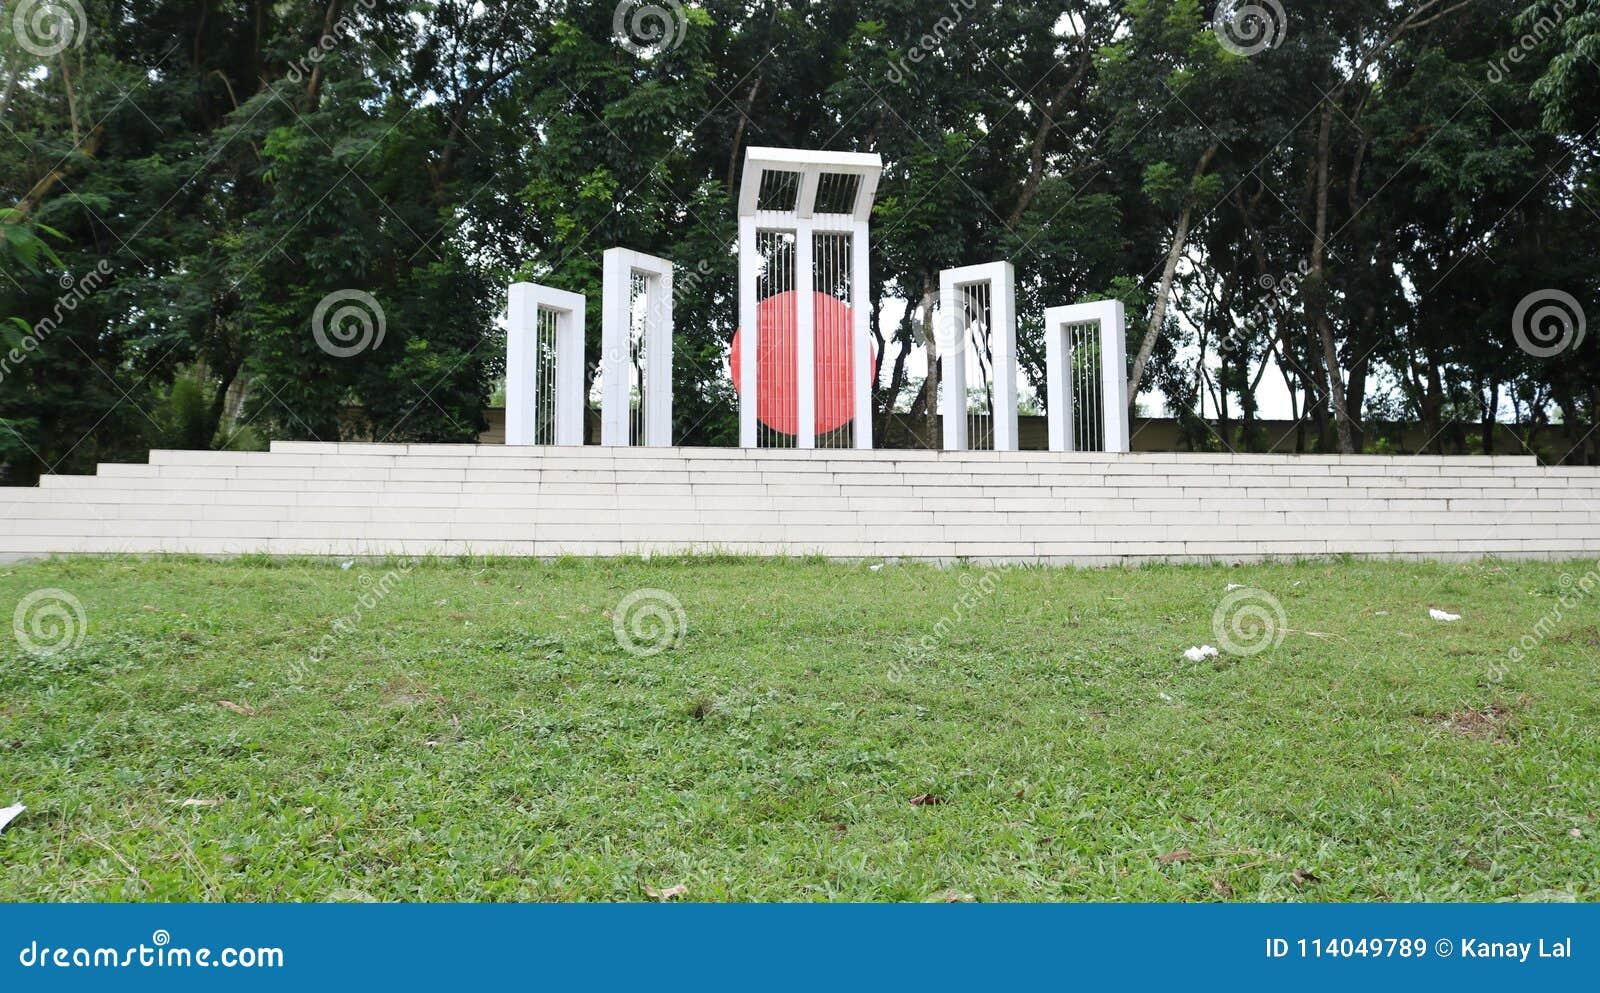 1-ого февраля 1952, Shaheed Minar чествует коллеж Rangpur 21-ое февраля Carmichael